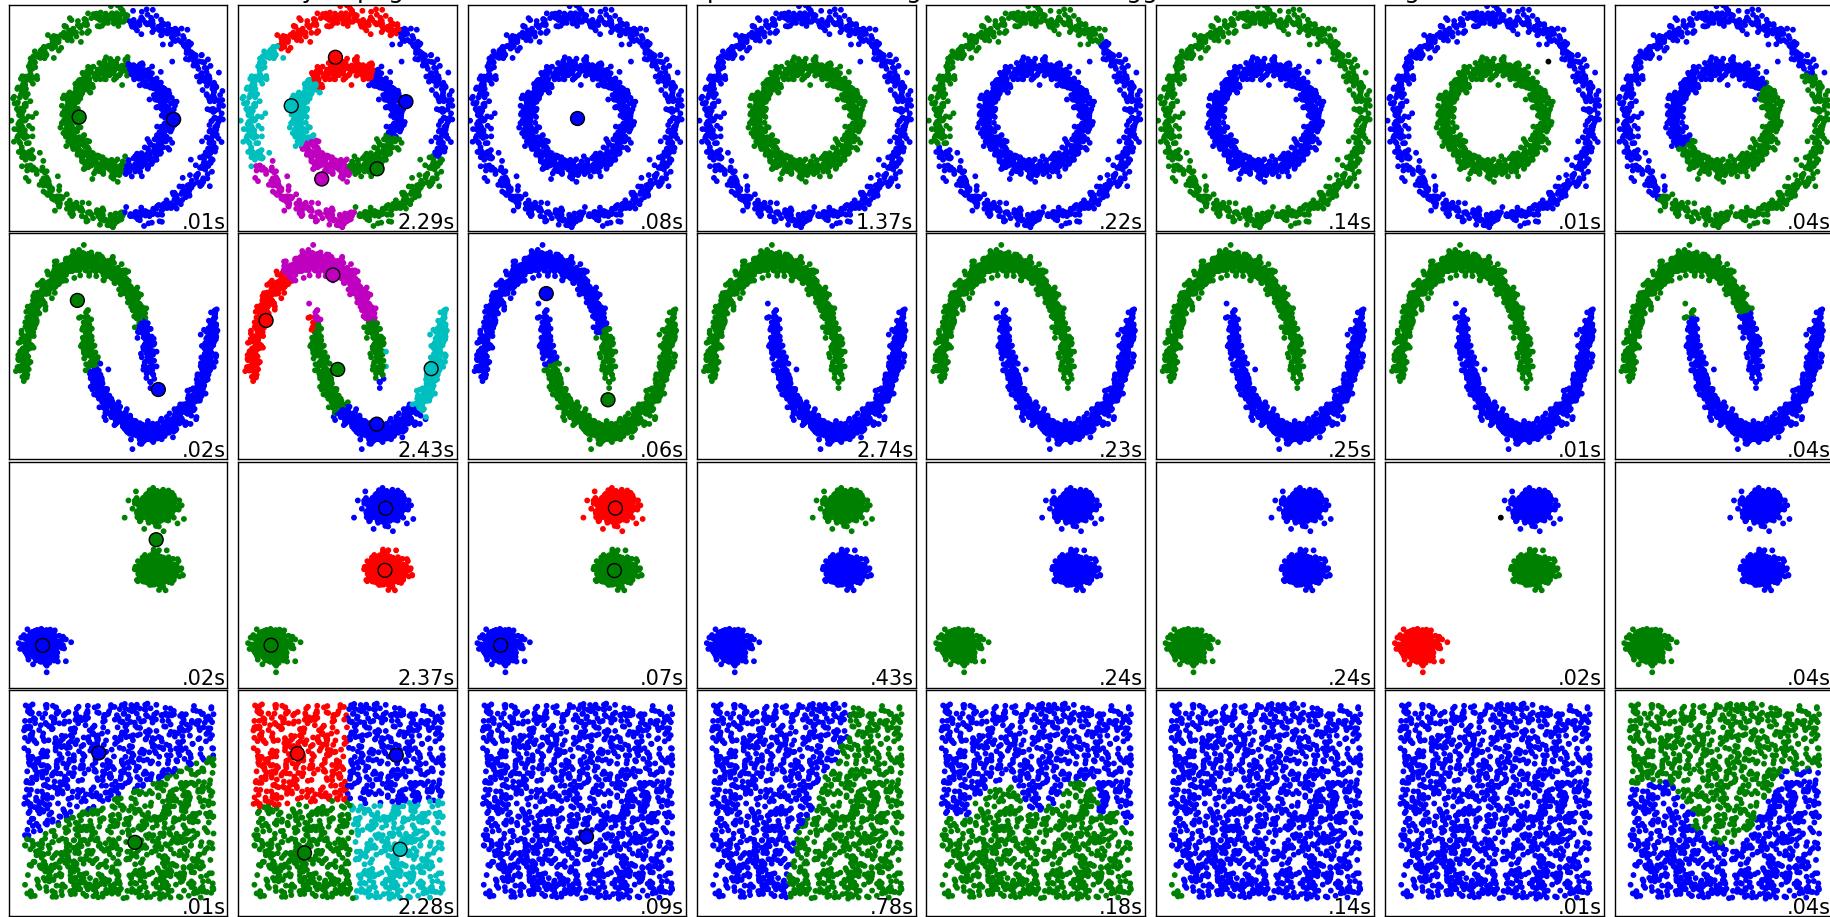 Обучение без учителя: 4 метода кластеризации данных на Python